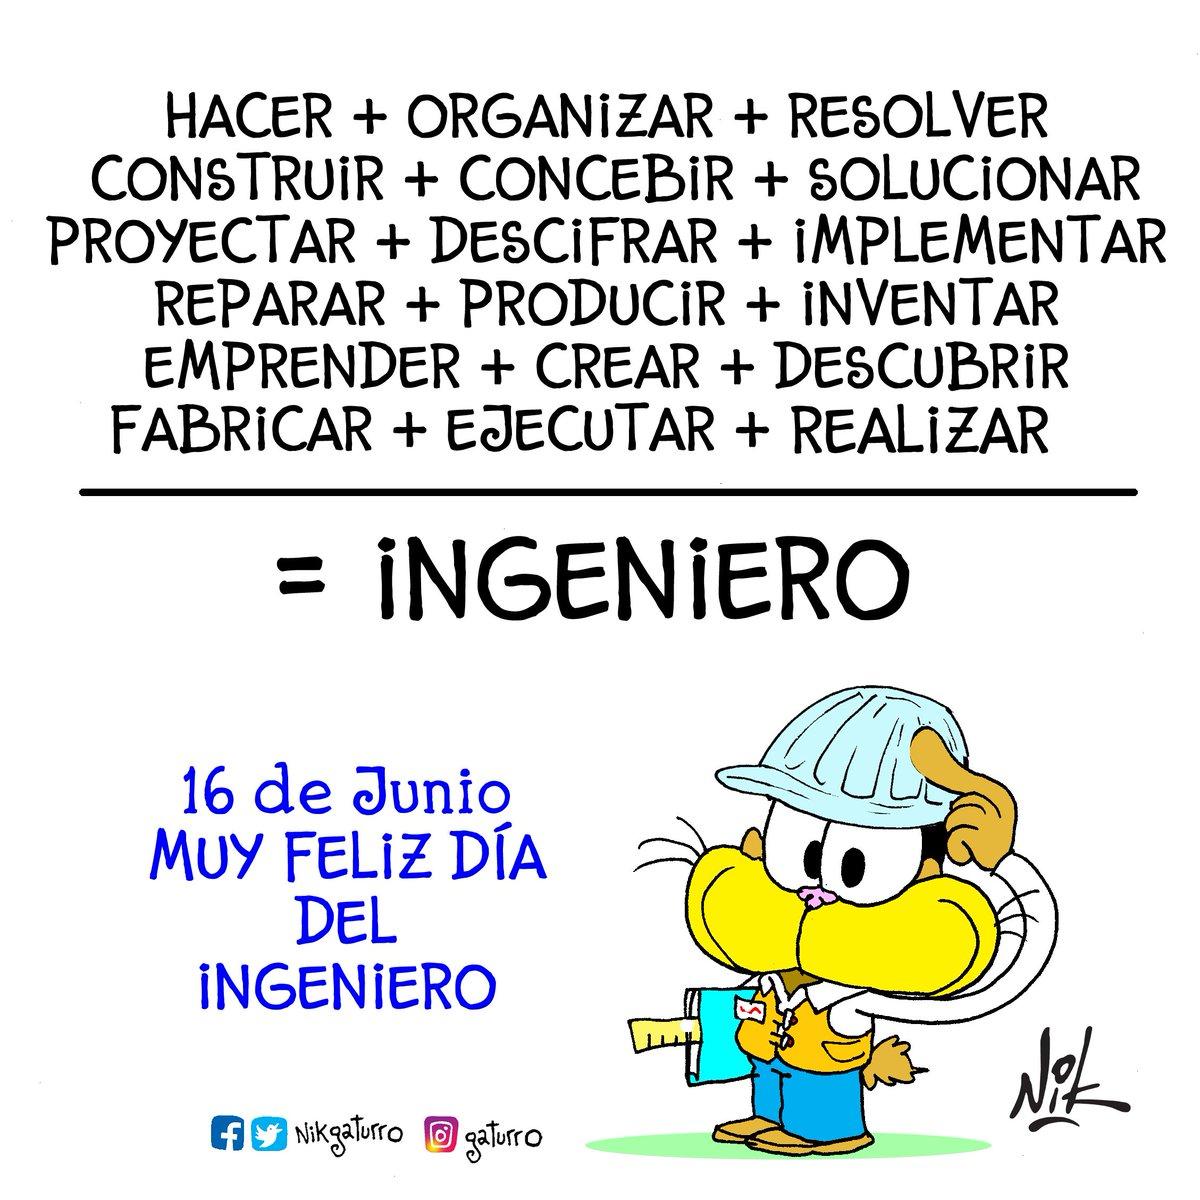 #BuenViernes Feliz Día del Ingeniero #FelizDiaDelingeniero #DiaDelInge...